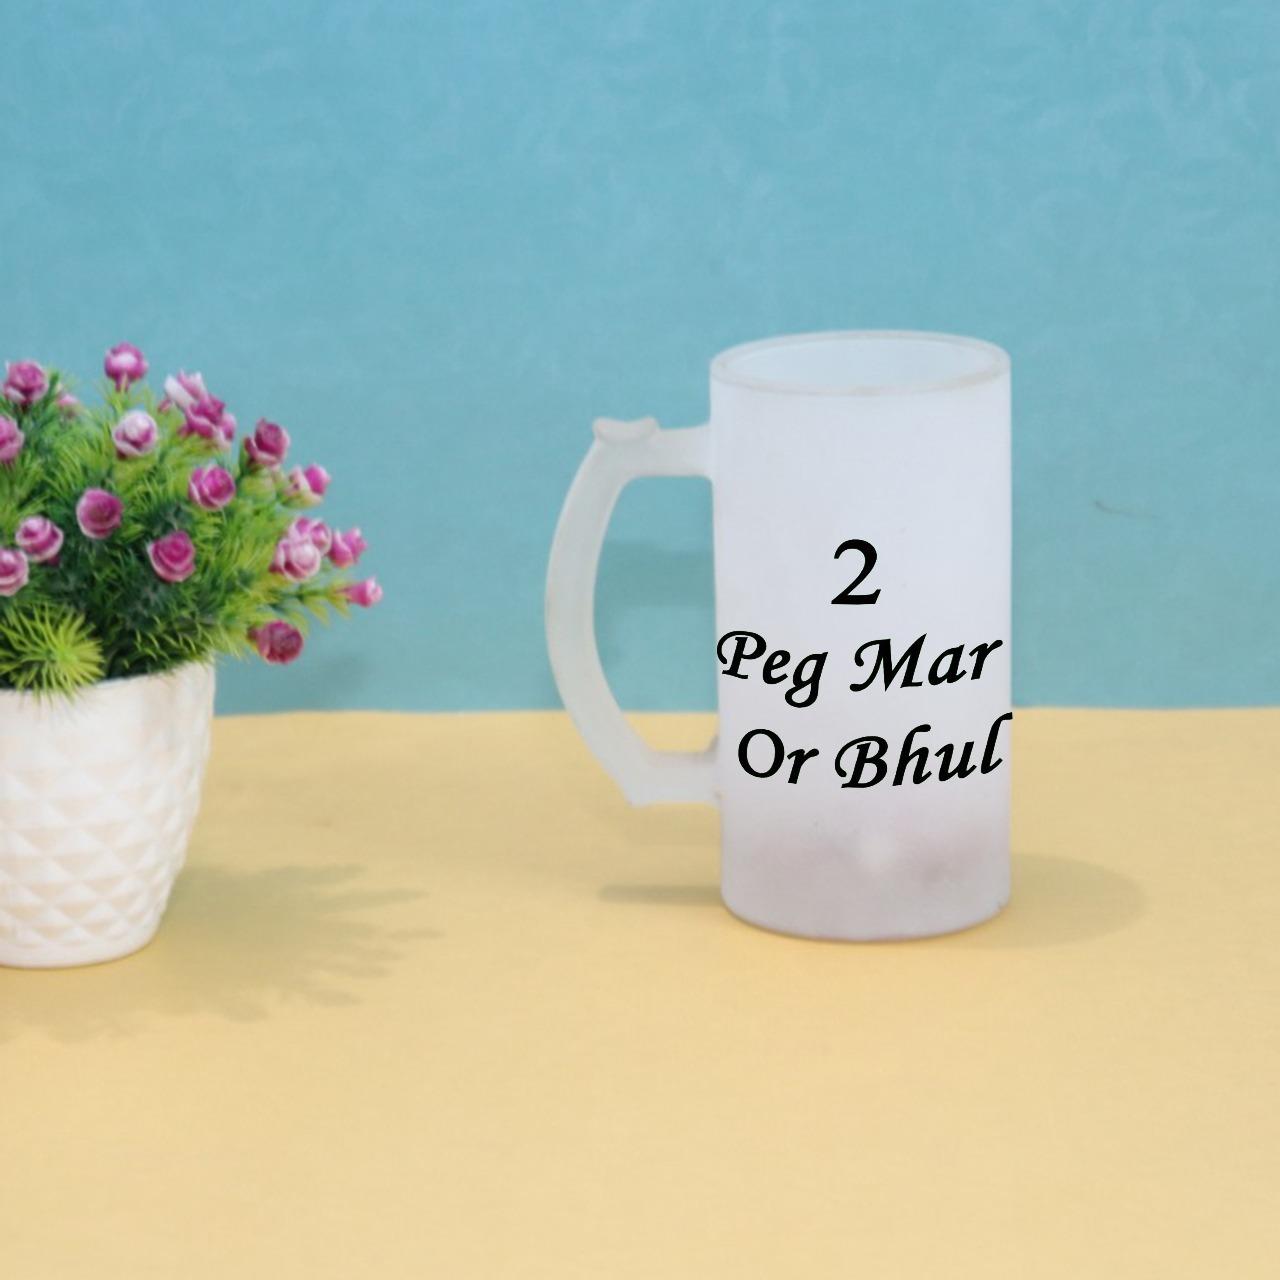 Tow Peg Mar Or Bhul Ja Beer Mug